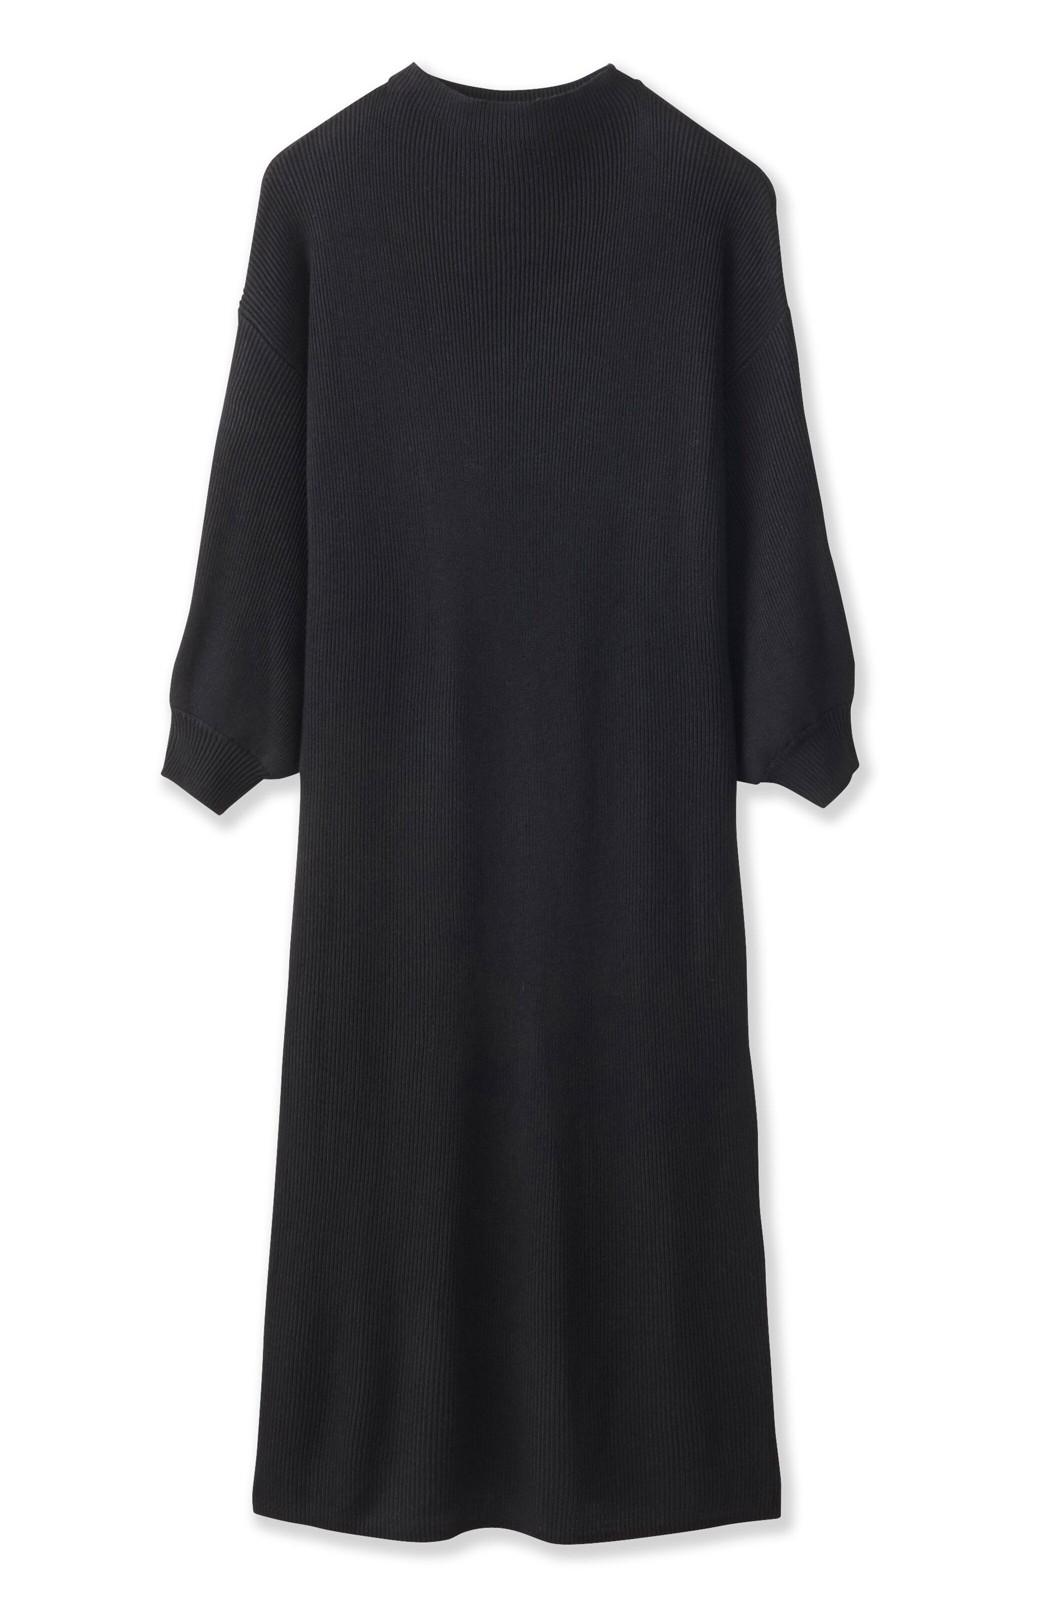 エムトロワ 吸湿発熱素材の袖ぷっくりリブニットワンピース <ブラック>の商品写真2